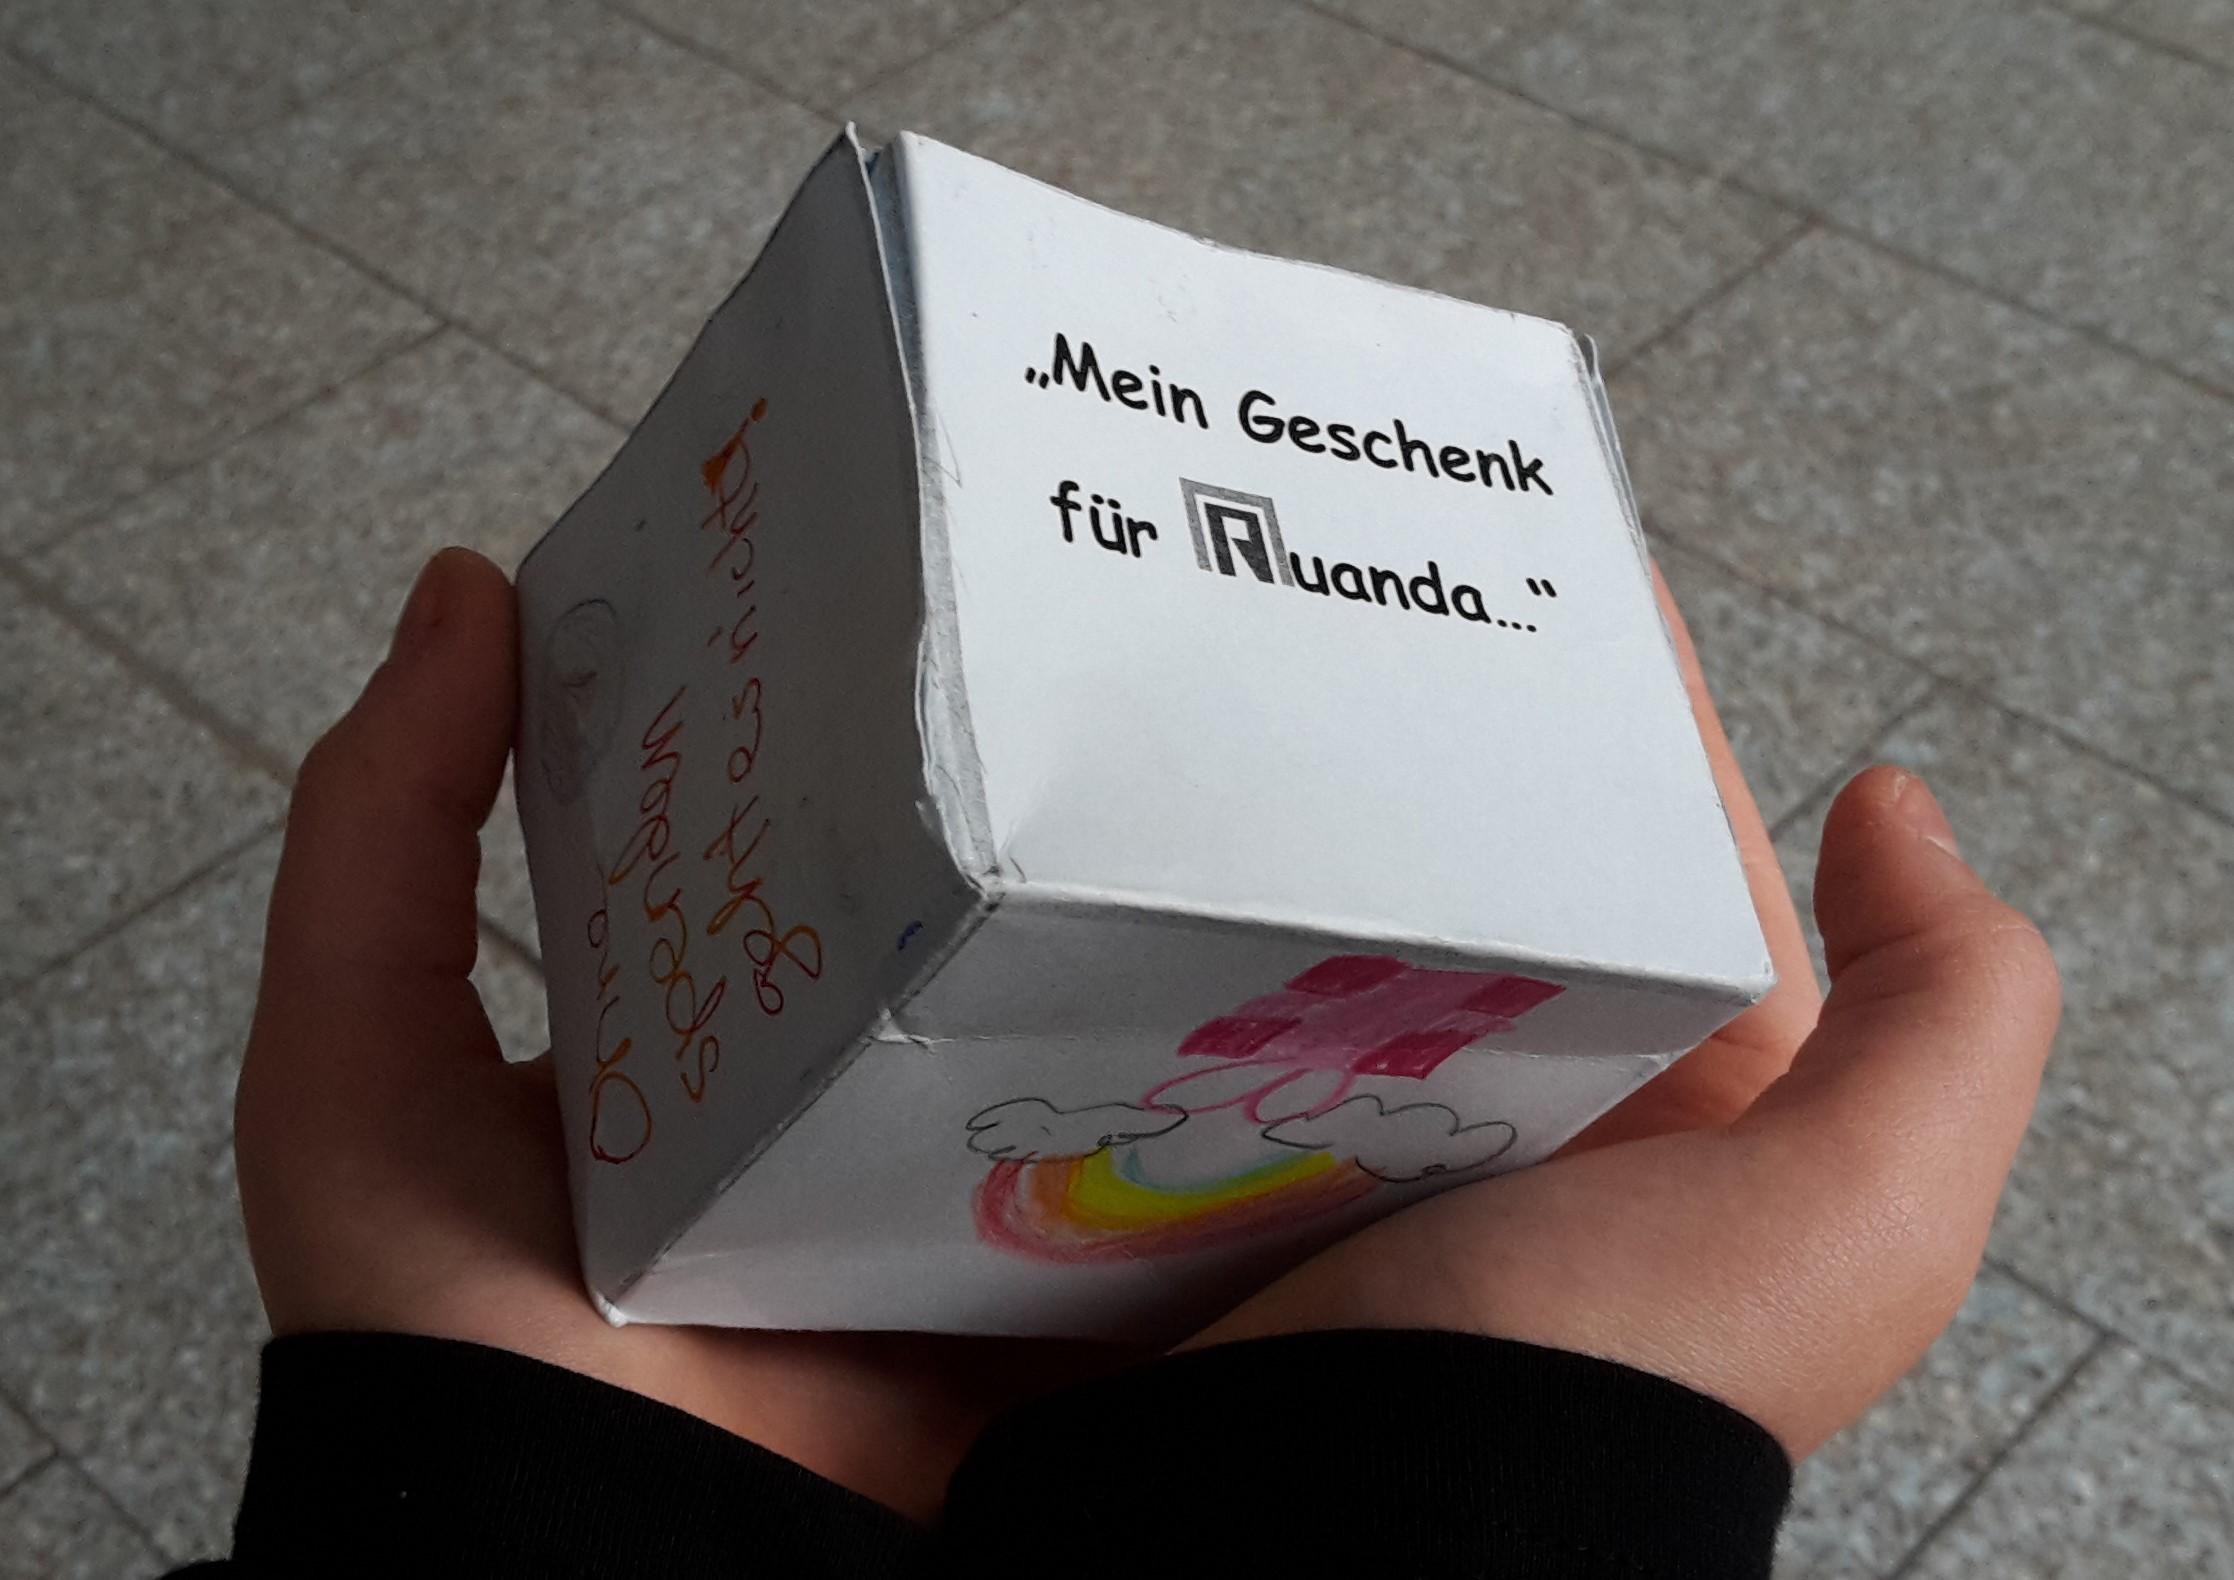 Das Bild zeigt zwei Hände, die eine kleine gebastelte Geschenk-Box halten.